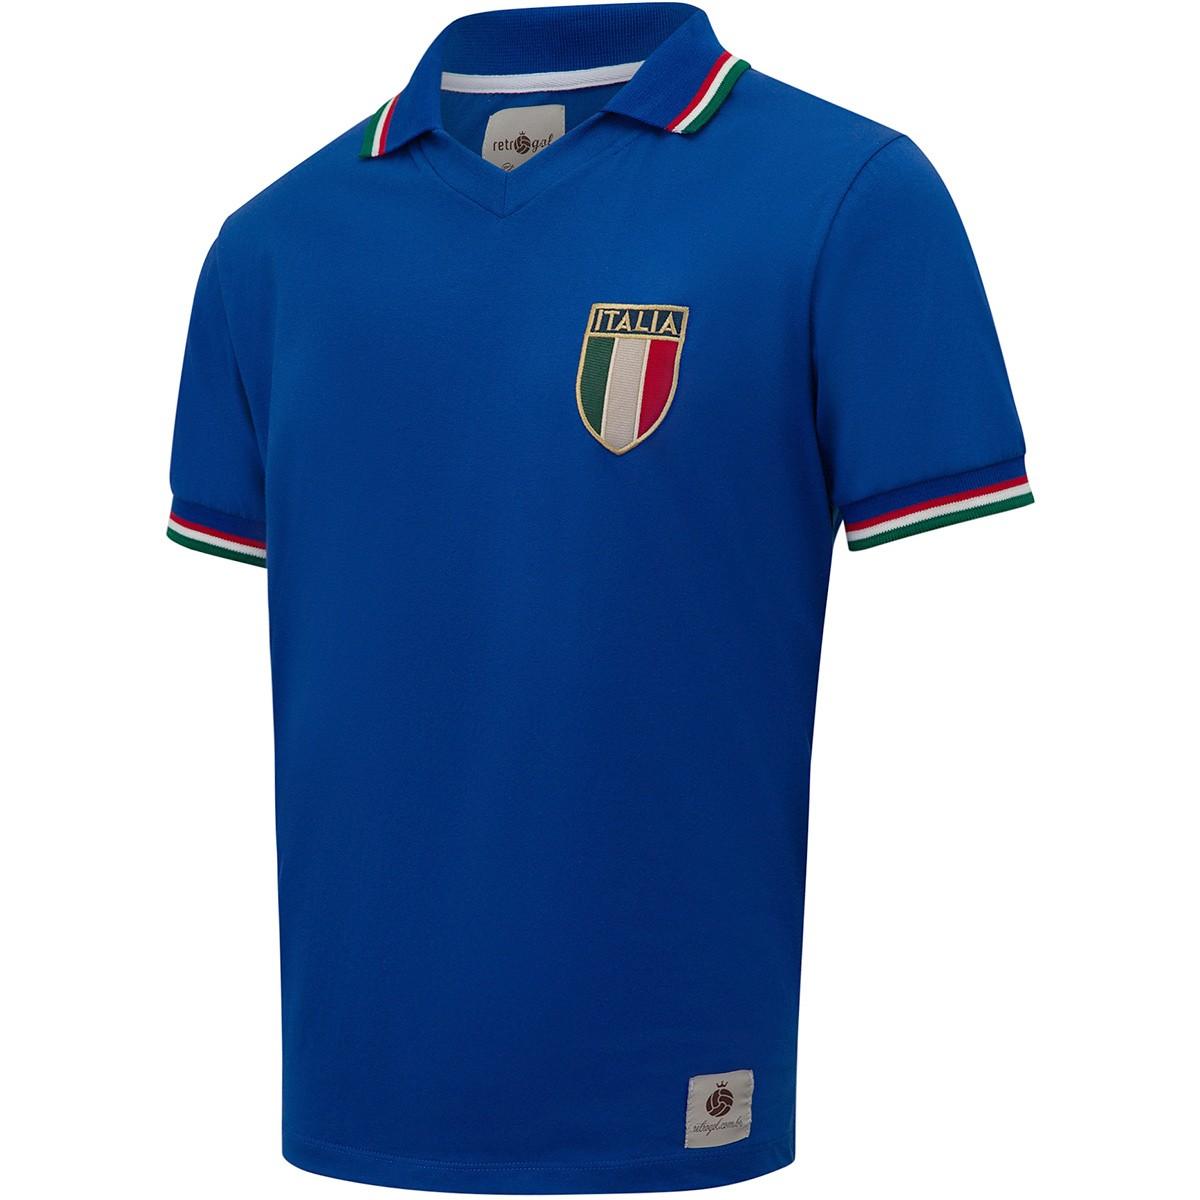 Camisa Itália Retrô 1982 nº 10 Masculina